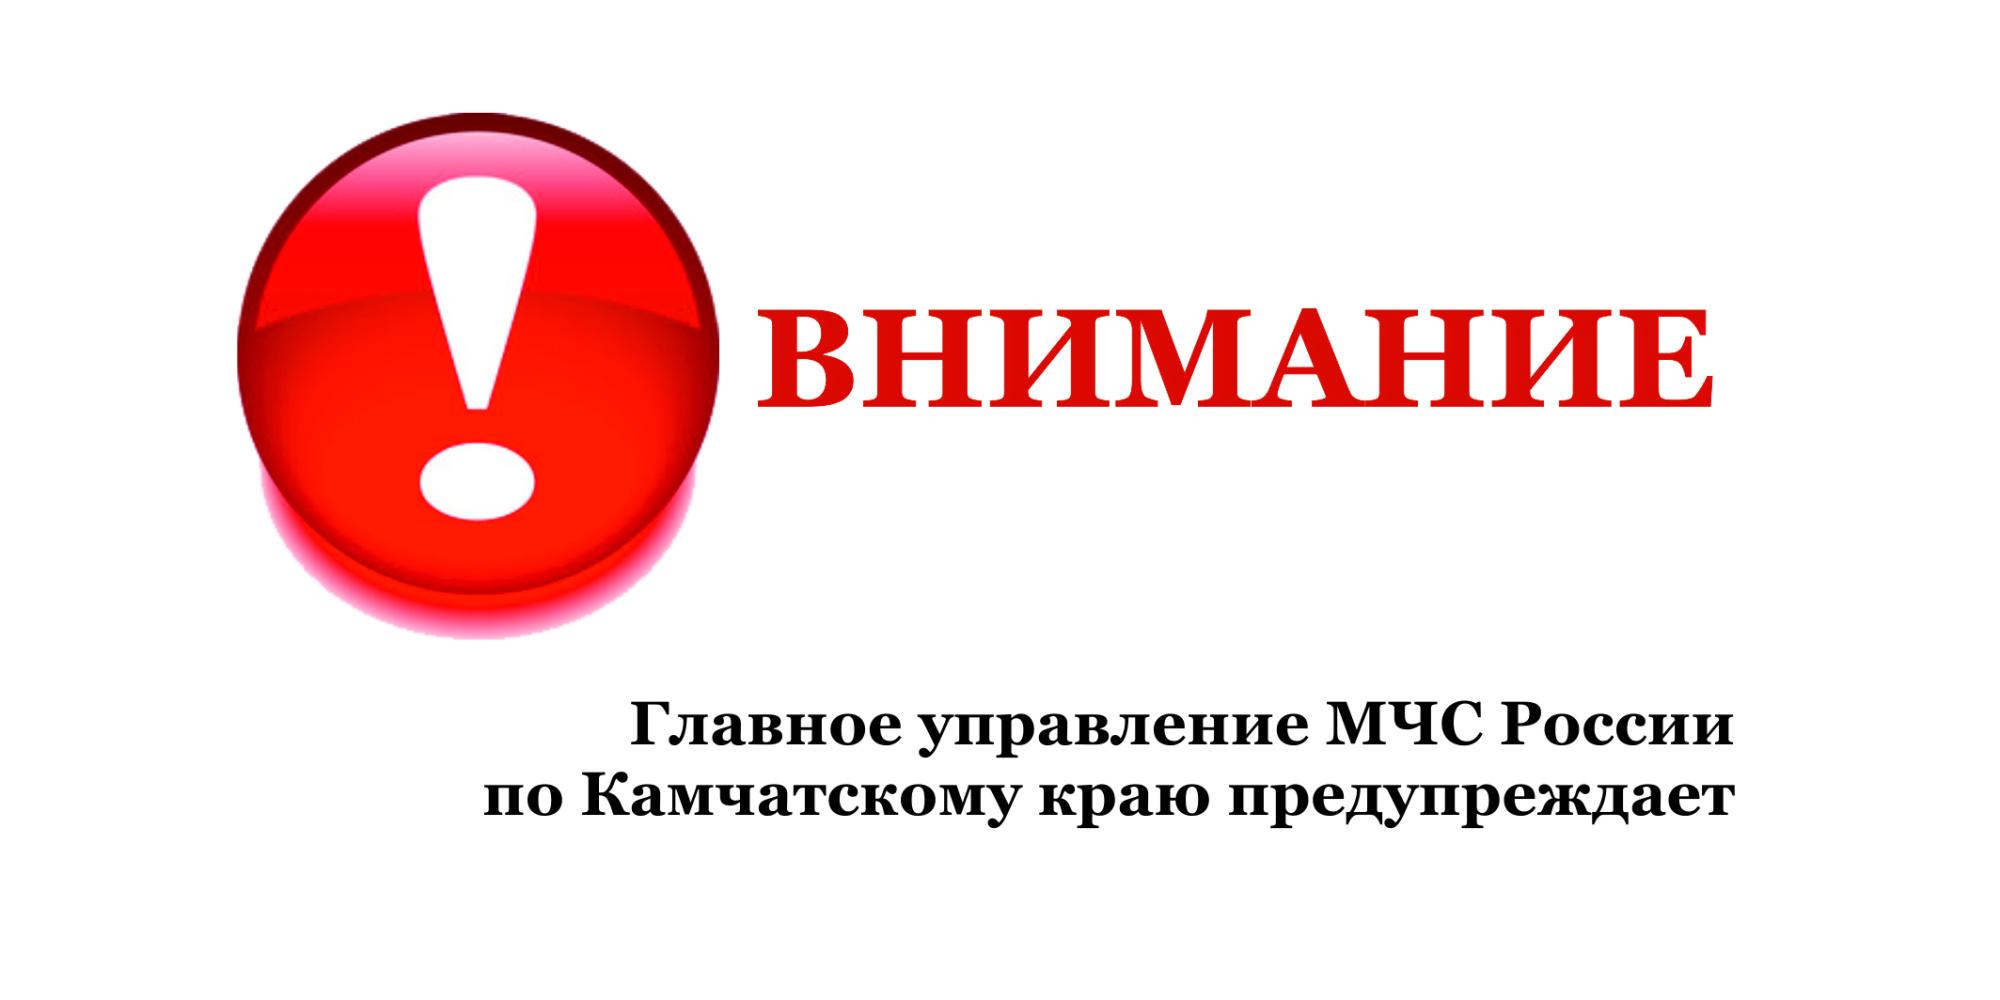 В двух районах Камчатского края введён особый противопожарный режим